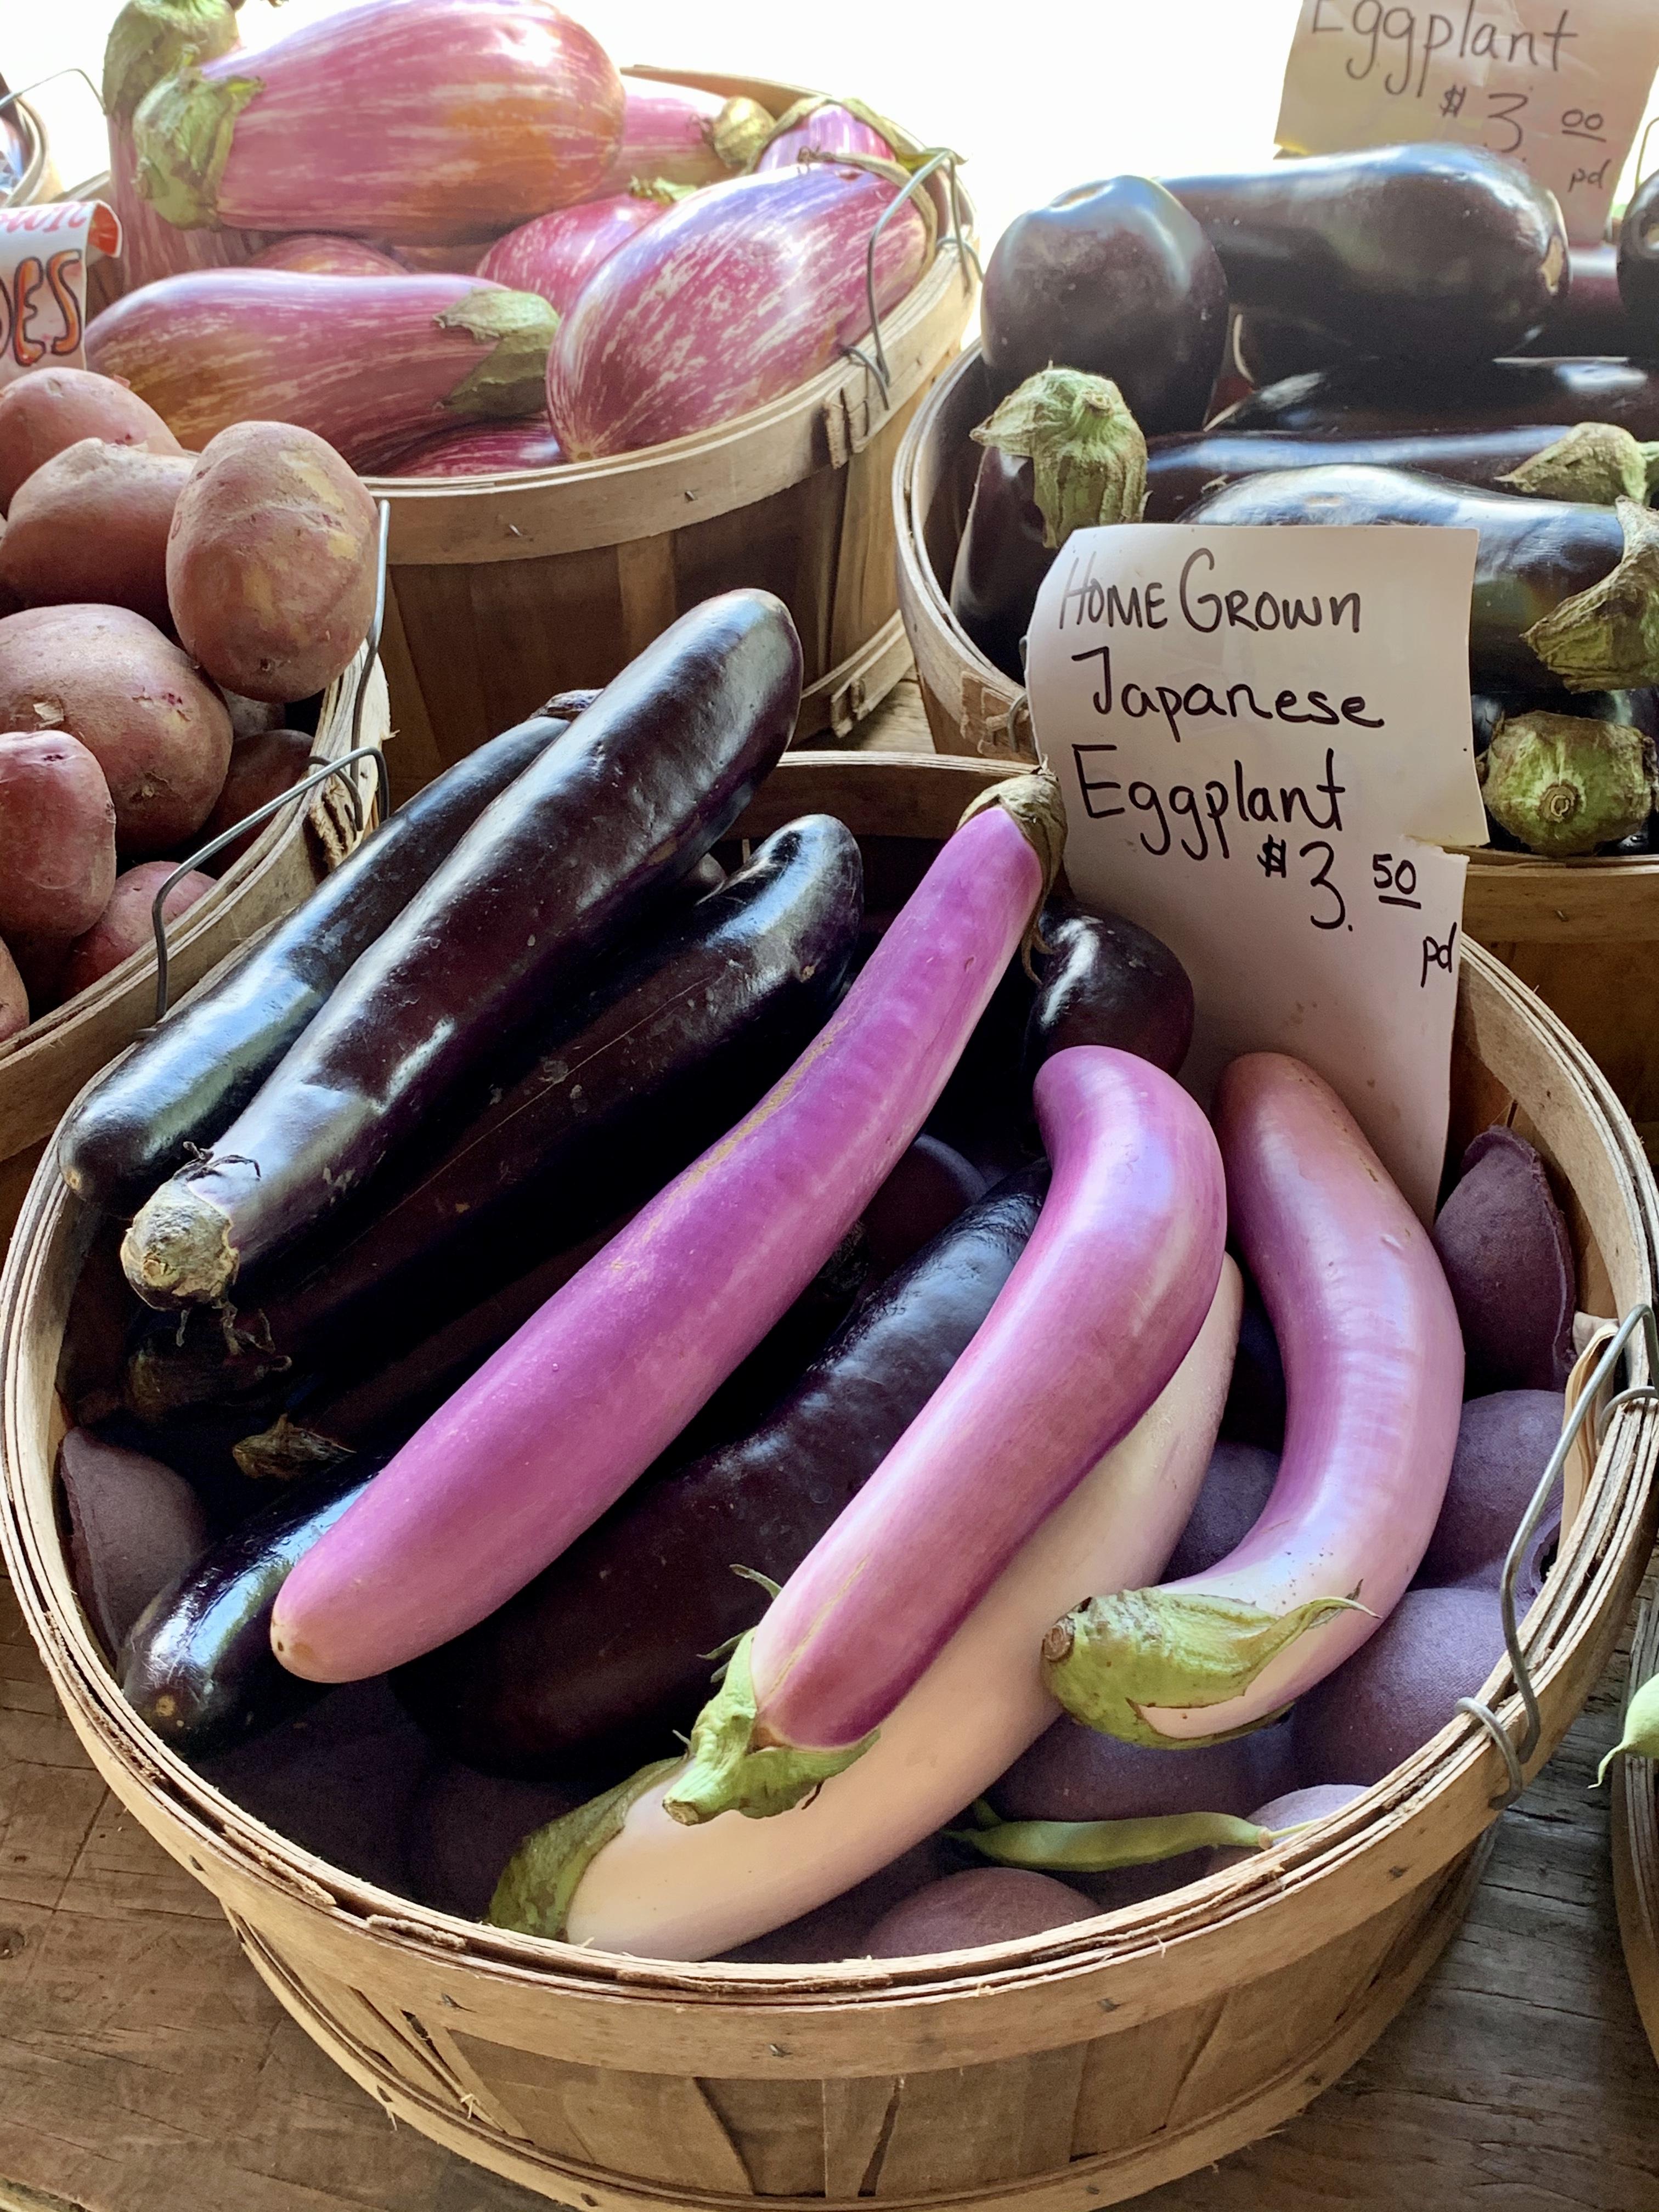 Regnier-Eggplant